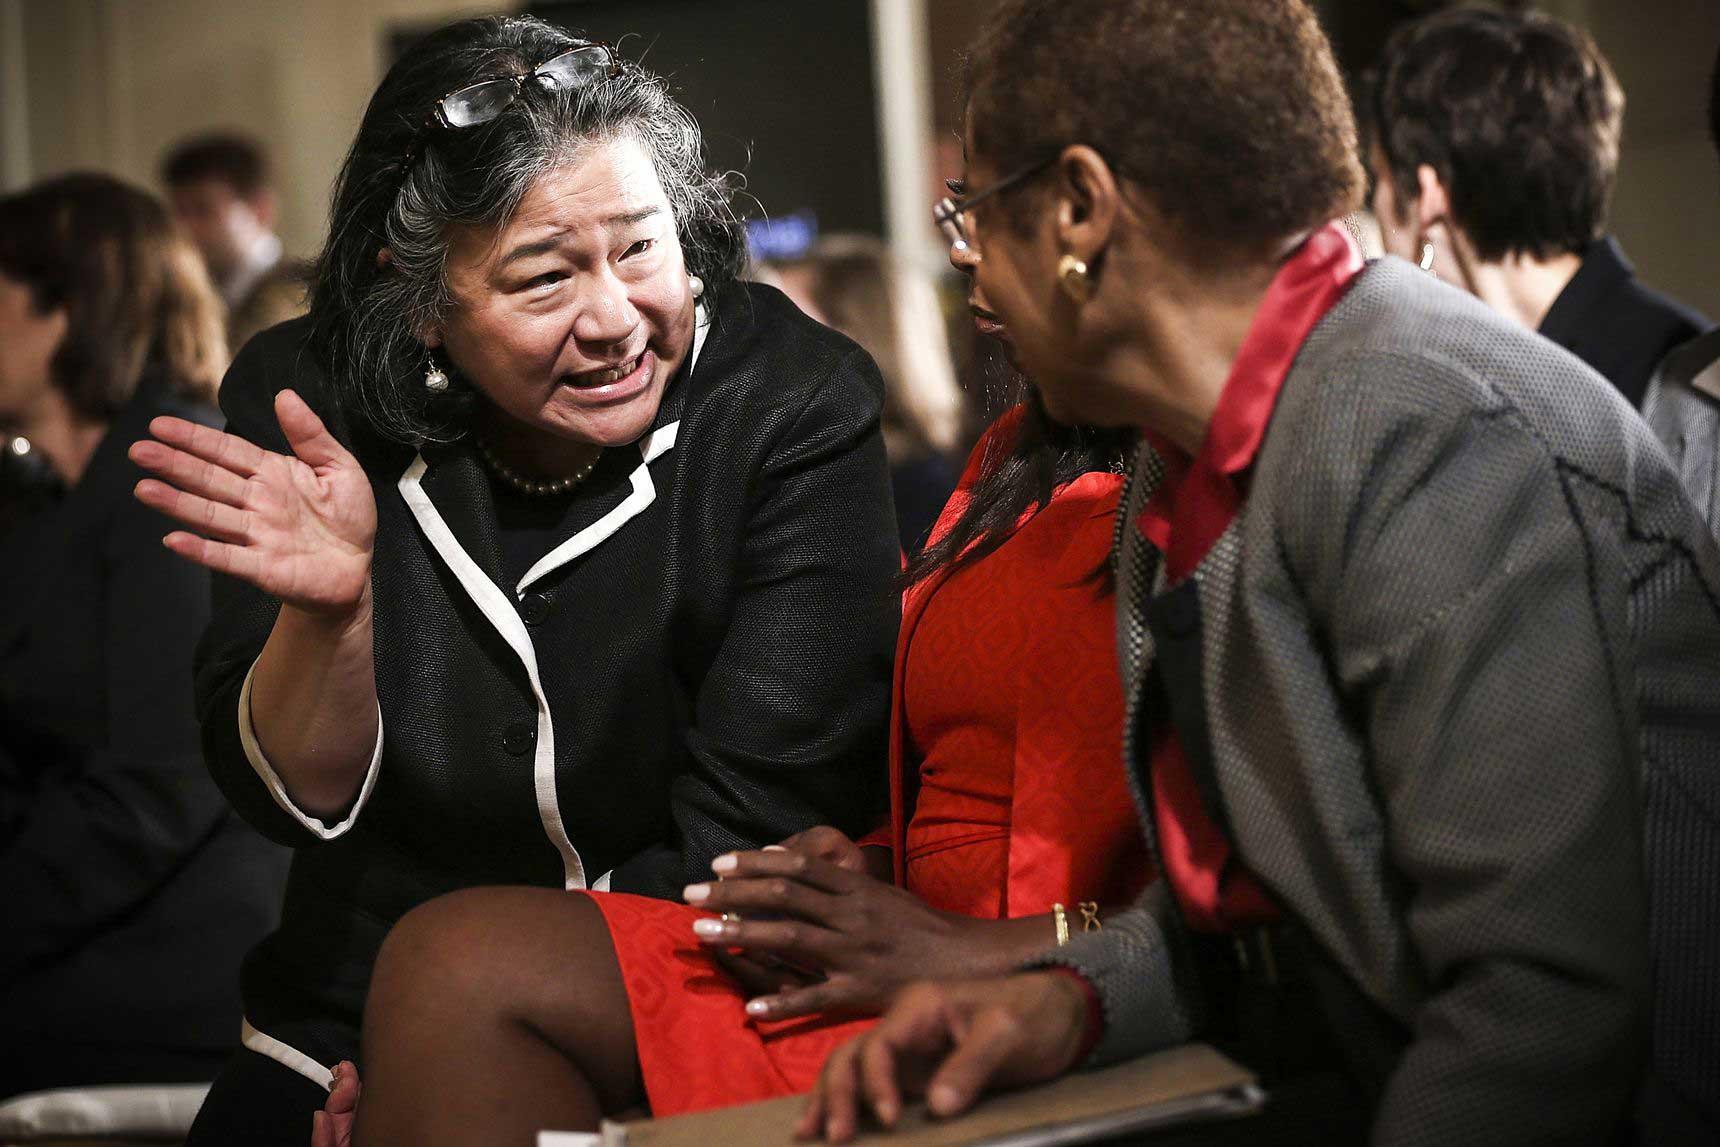 تینا چن، دستیار وقتِ باراک اوباما (چپ) در حال گفتگو با نماینده، النور هلمز نورتون (دموکرات، ایالت واشنگتن) طی رویدادی مربوط به پنجاهمین سالگرد تصویب قانون دستمزد برابر، 10 ژوئن 2013